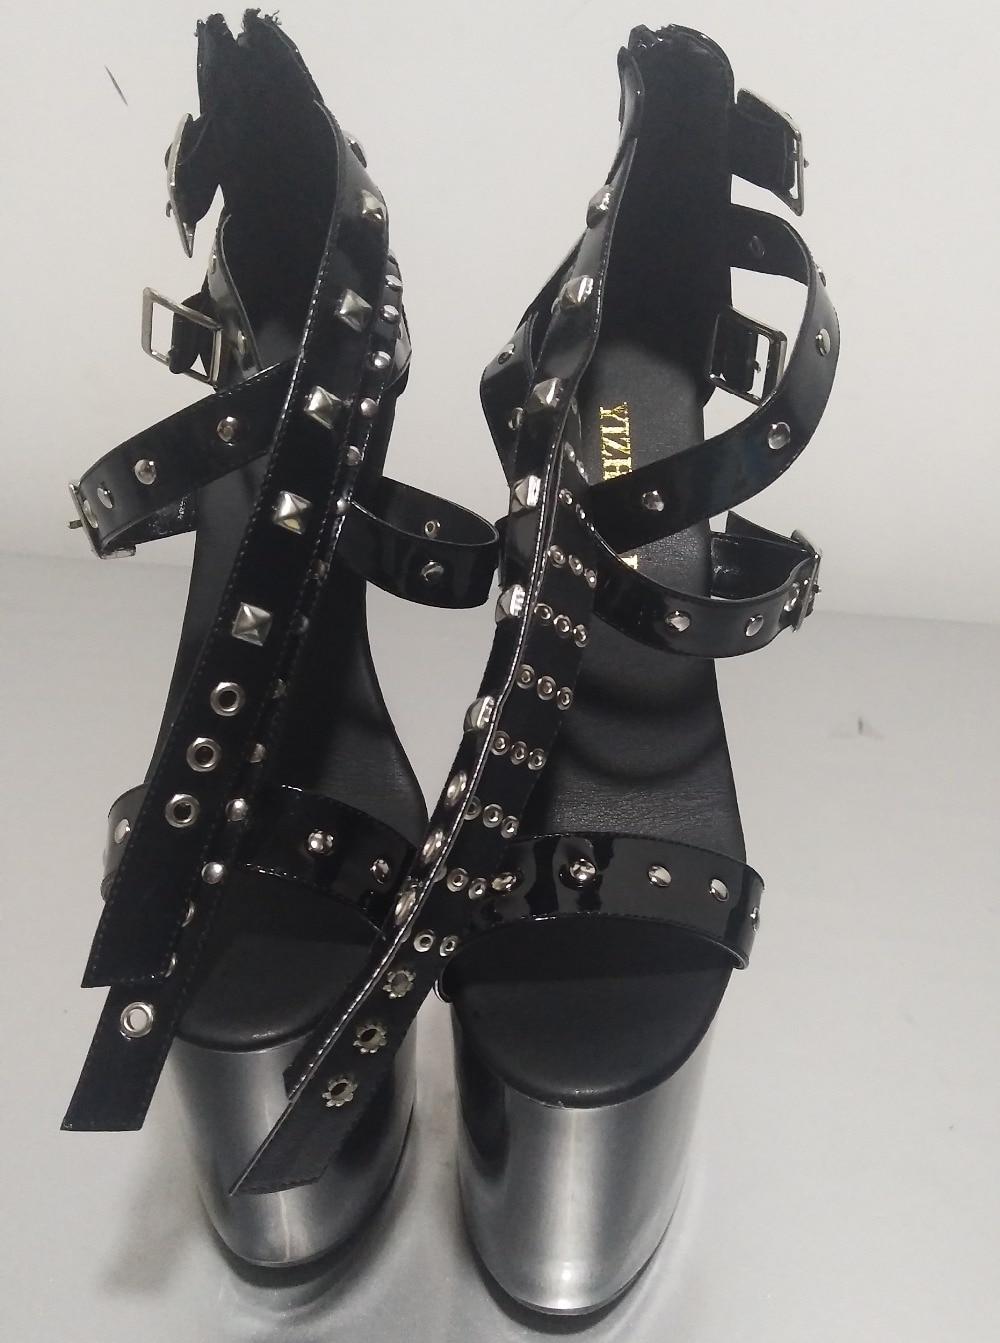 20 Gladiador Plataformas Pulgadas Tacones Remaches Moda Sandalias De Zapatos Punk Hebilla Negro 8 Cm Mujer wWP1Ytx7qz